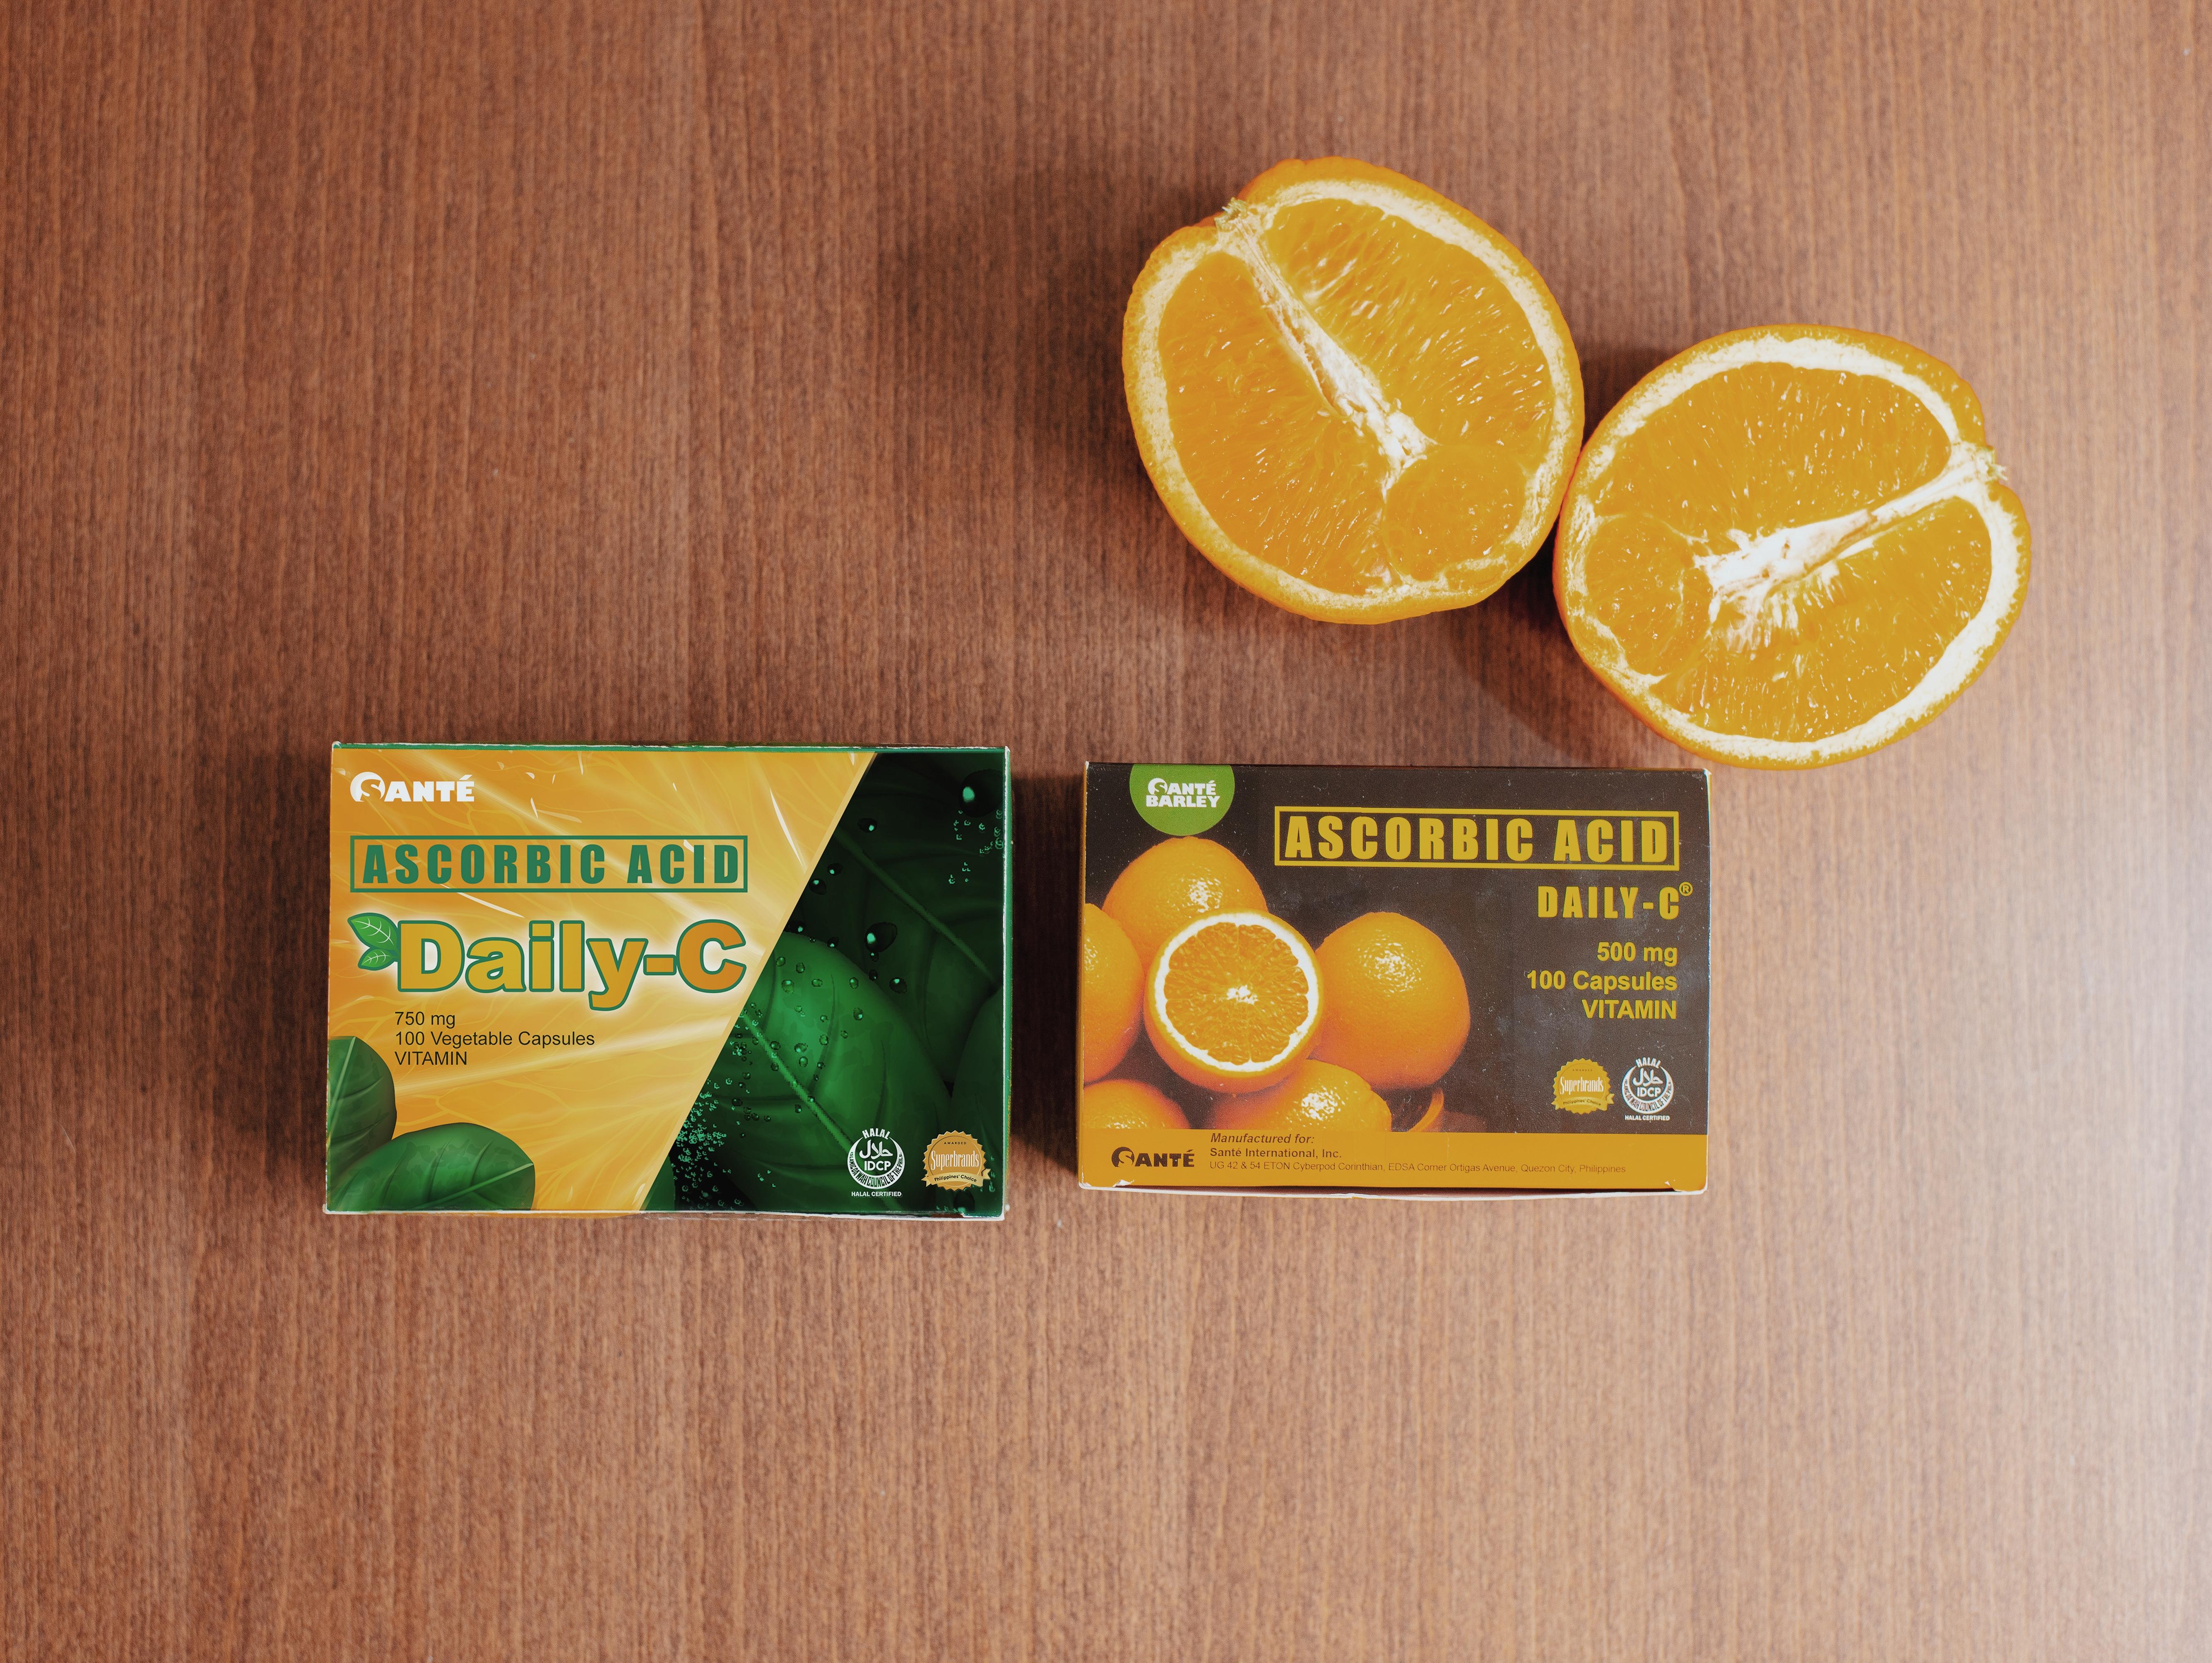 Catriona Gray for Sante's Daily C: Vitamin C in Vegetable Capsule